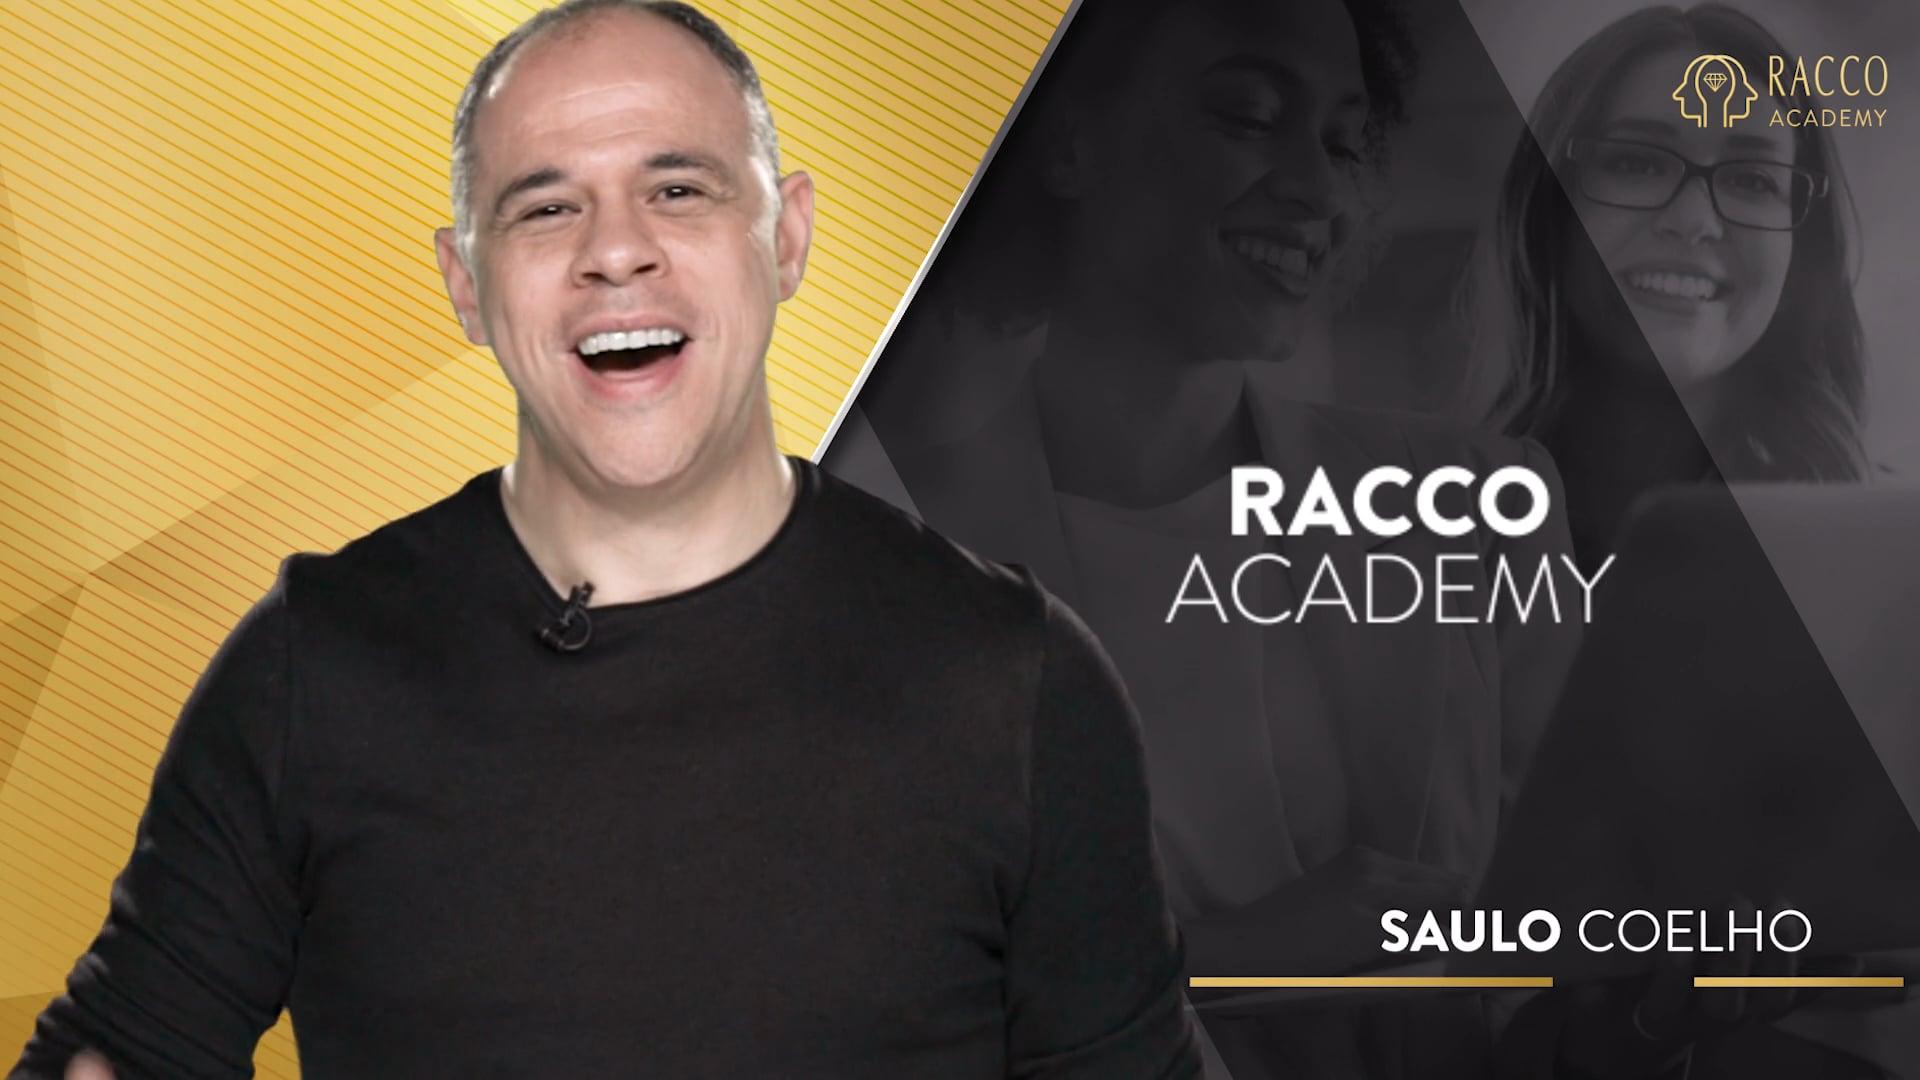 #01 - O que é o Racco Academy